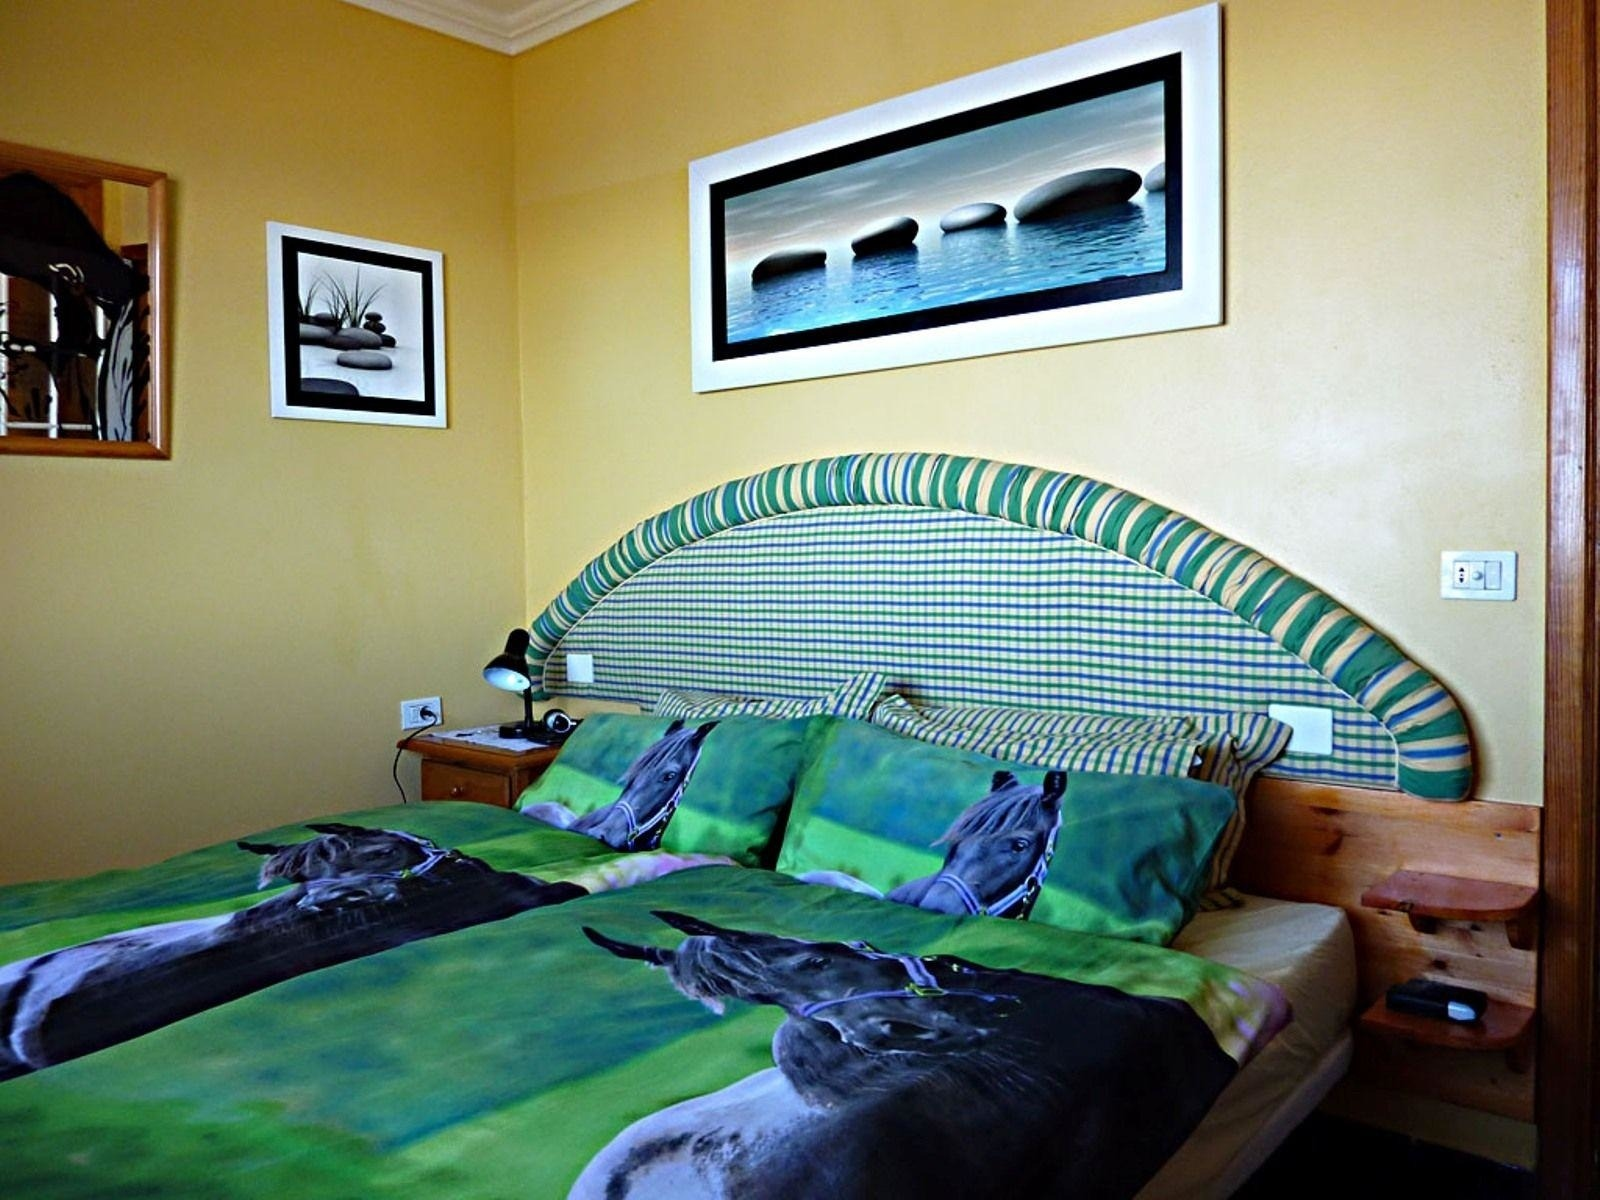 Maison de vacances Finca Panoramica Teidemar, 3 Schlafzimmer/Bäder, tolle Fernsicht, Gärten, Pool, Grill und  (2492991), Santa Ursula, Ténérife, Iles Canaries, Espagne, image 9